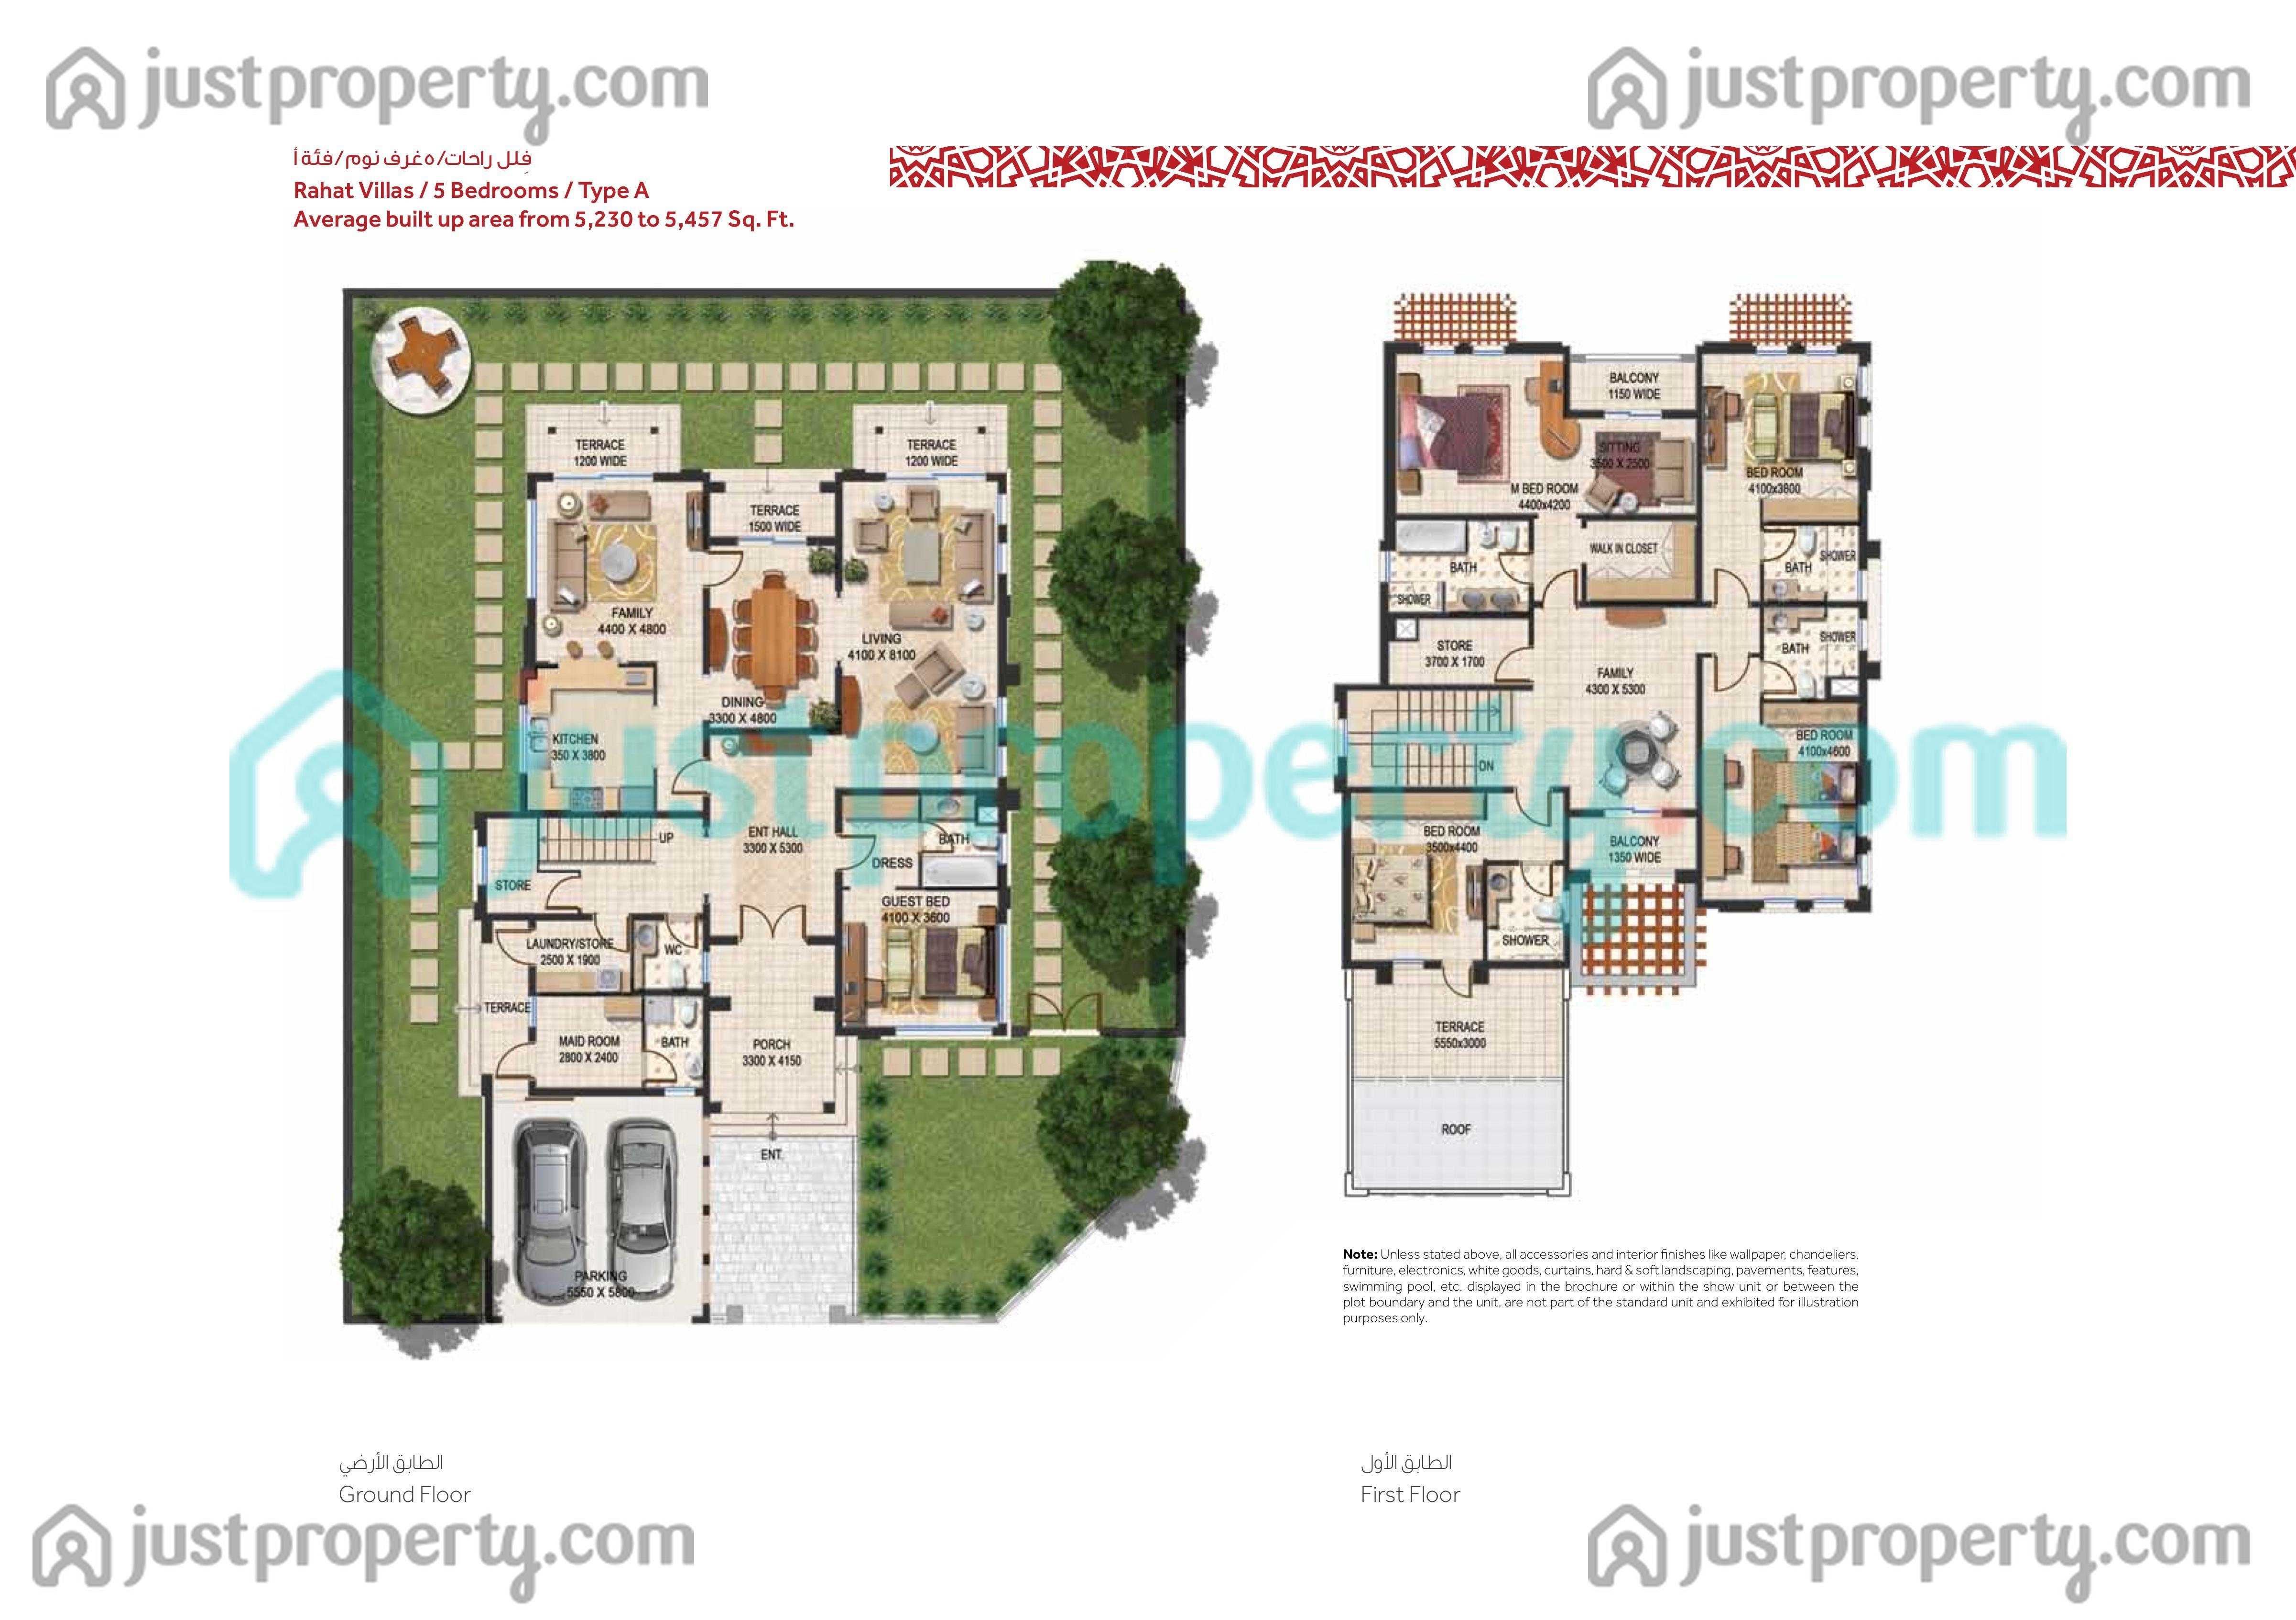 5br House Plans Get House Design Ideas